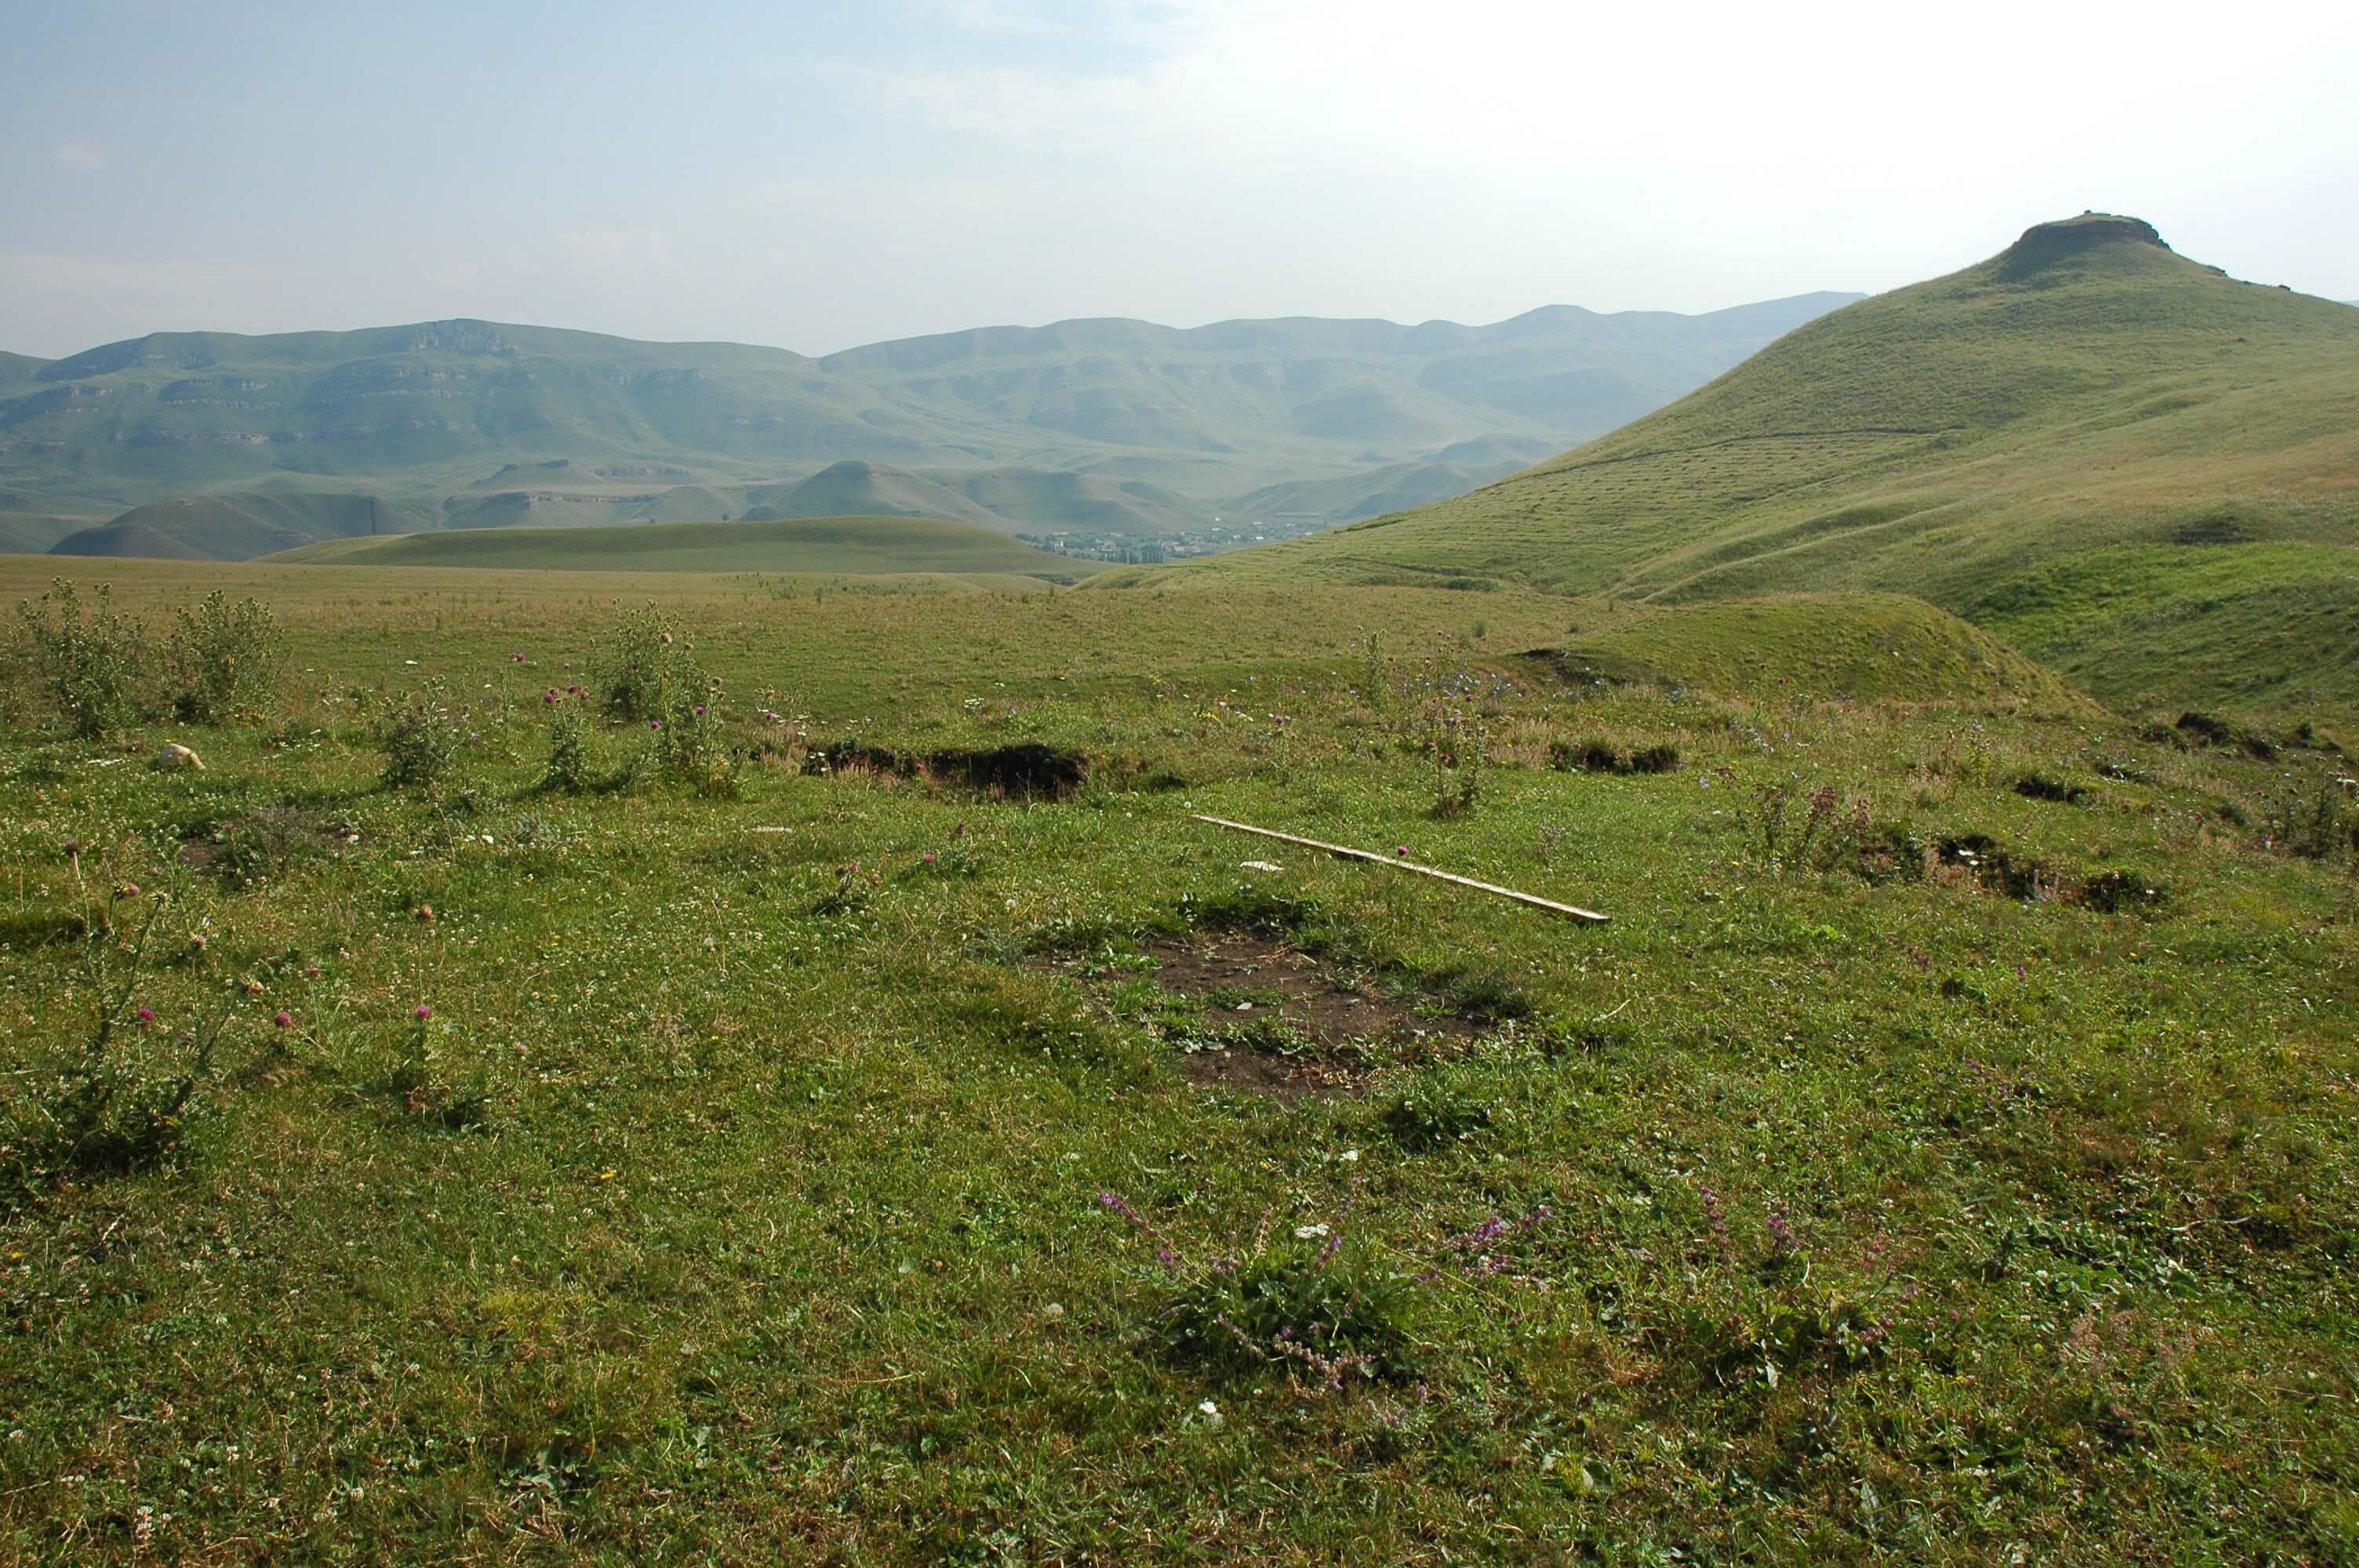 Могильник Кичмалка II (Республика Кабардино-Балкария)